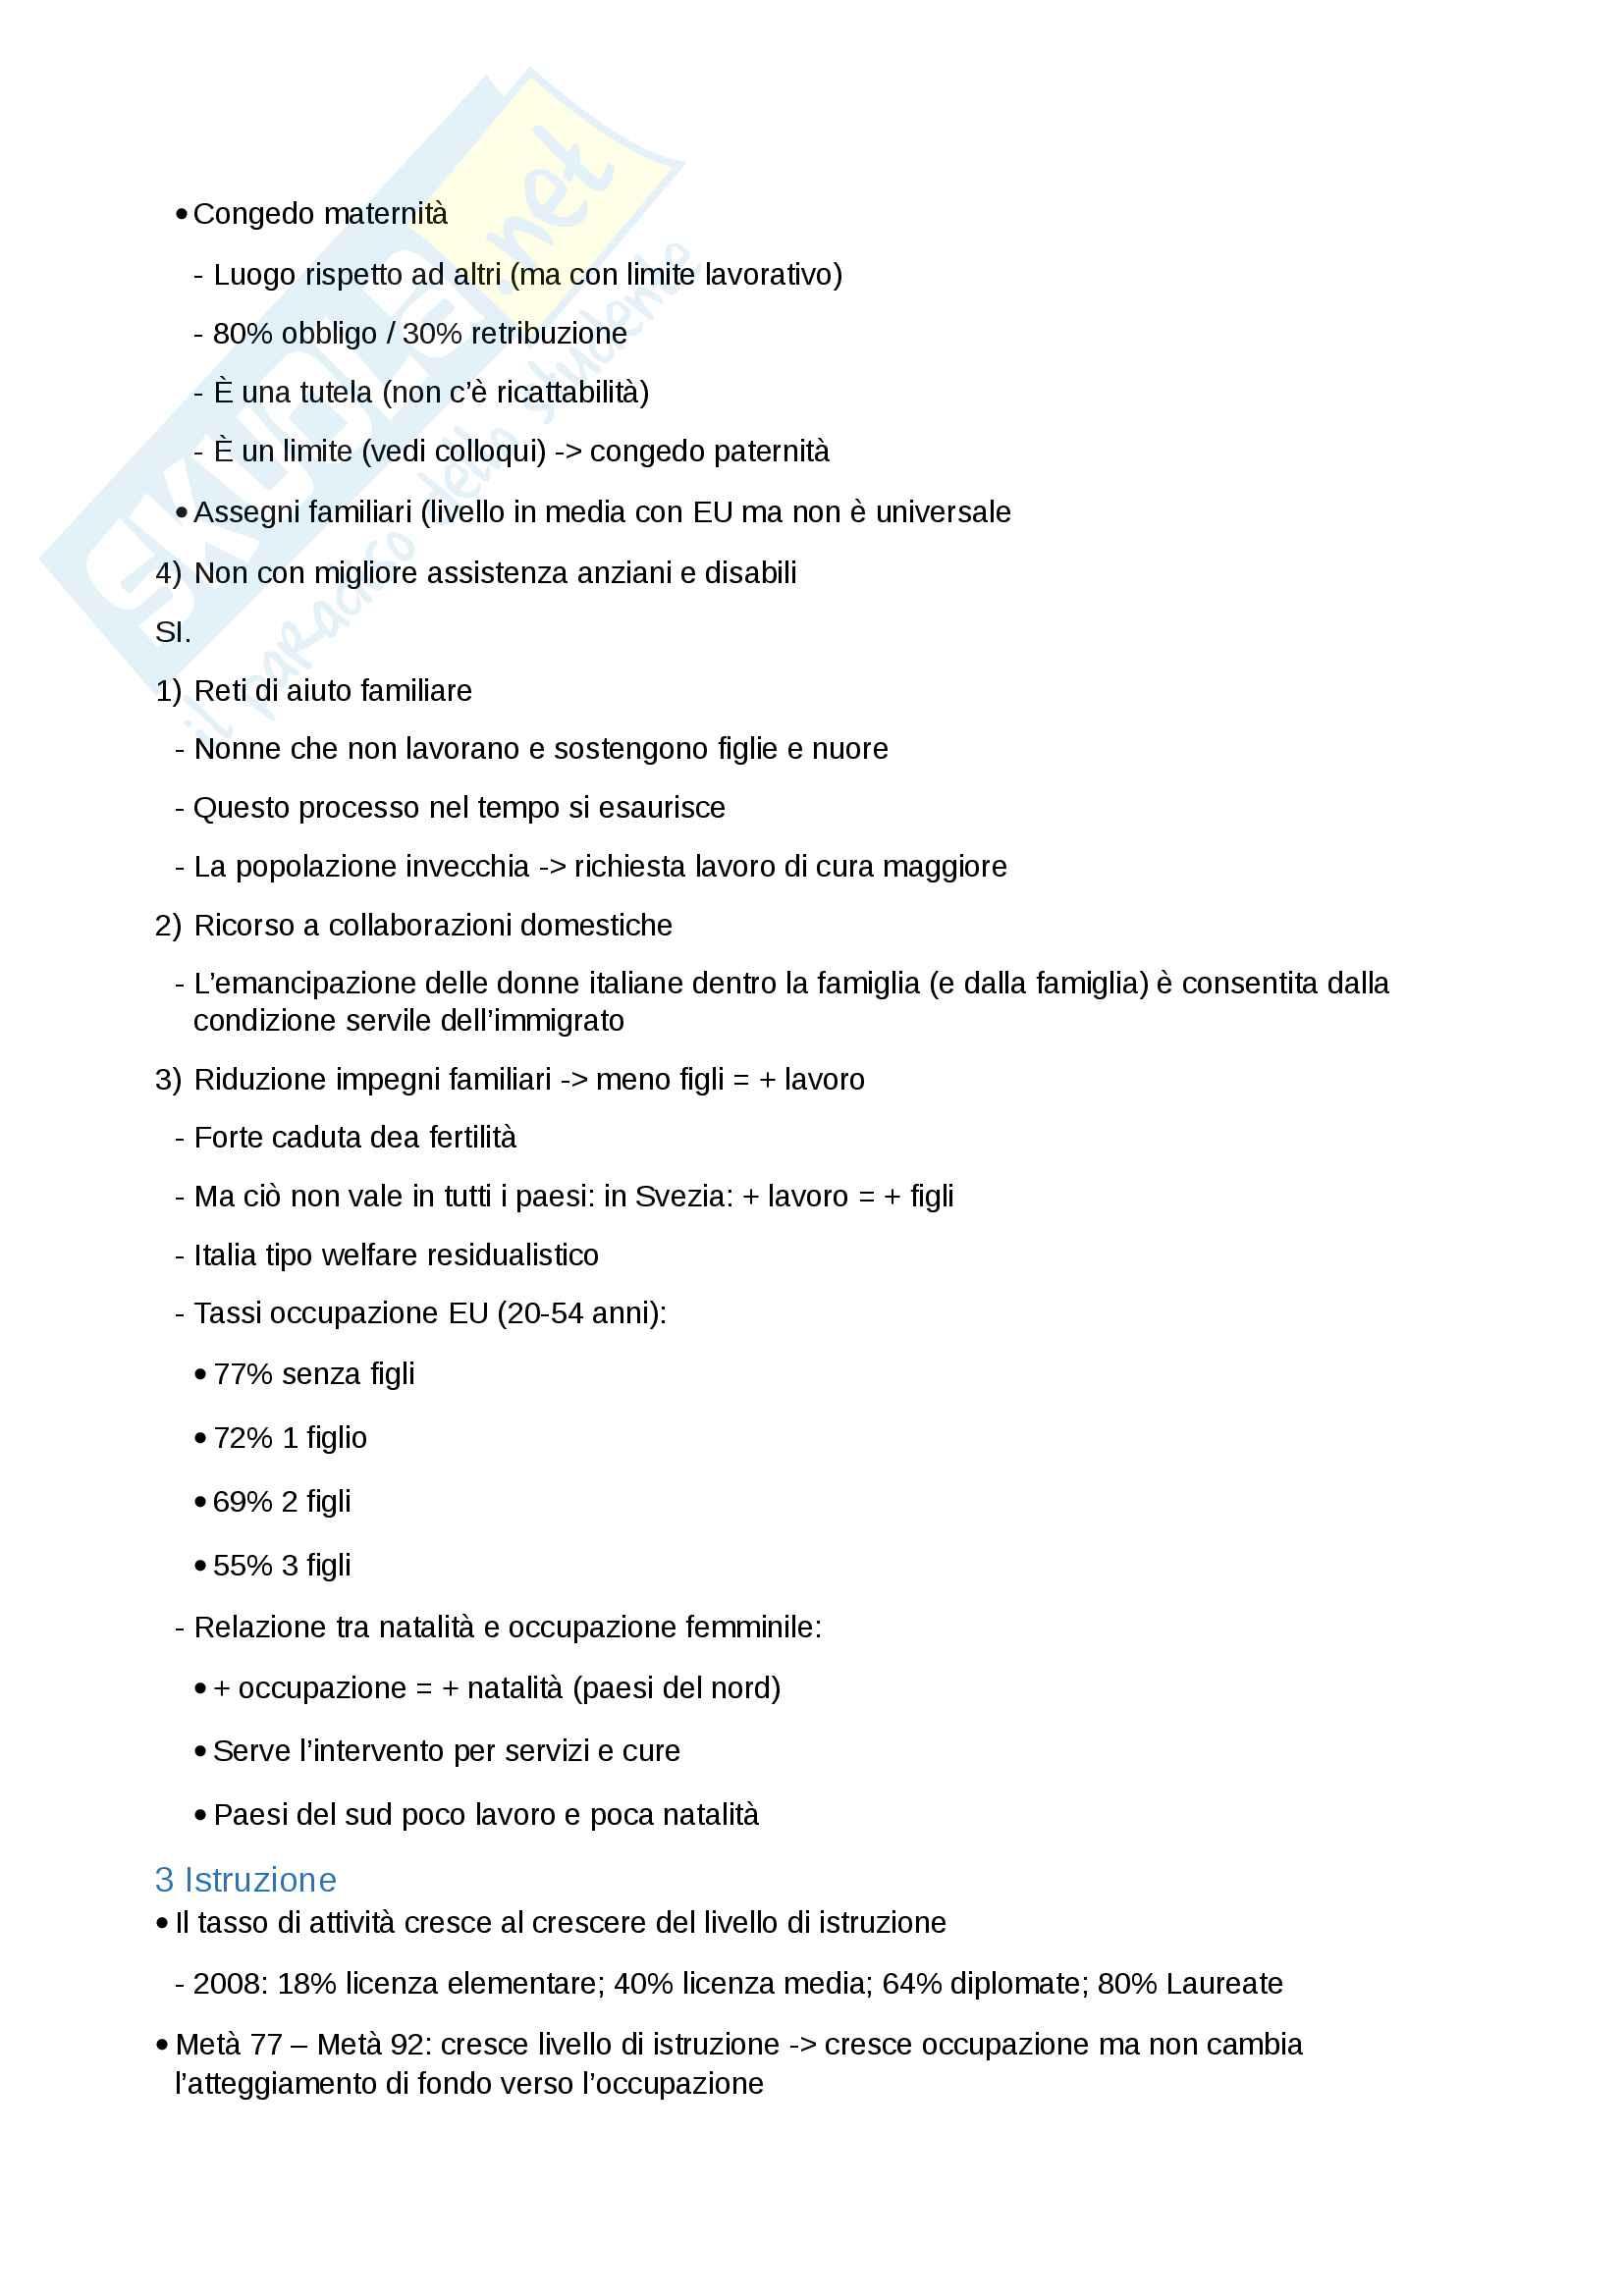 Riassunto esame Sociologia del mercato del lavoro, Docente Fullin, libro consigliato Sociologia del mercato del lavoro, vol. 1. e vol. 2. , Reyneri Pag. 16